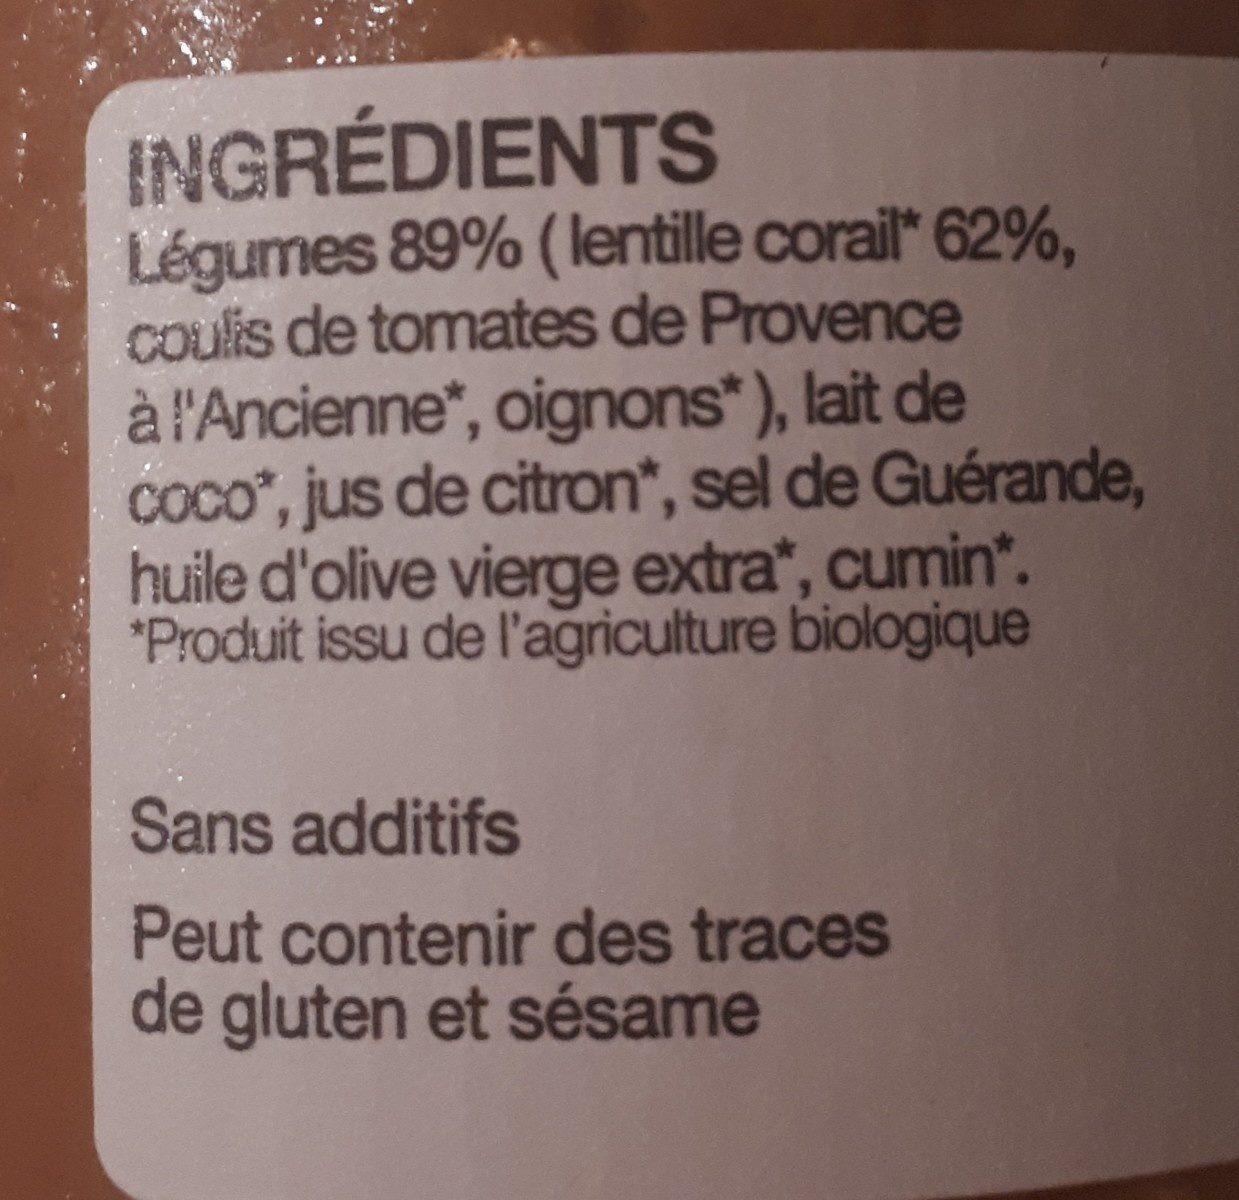 Soupe lentilles corail - Ingredients